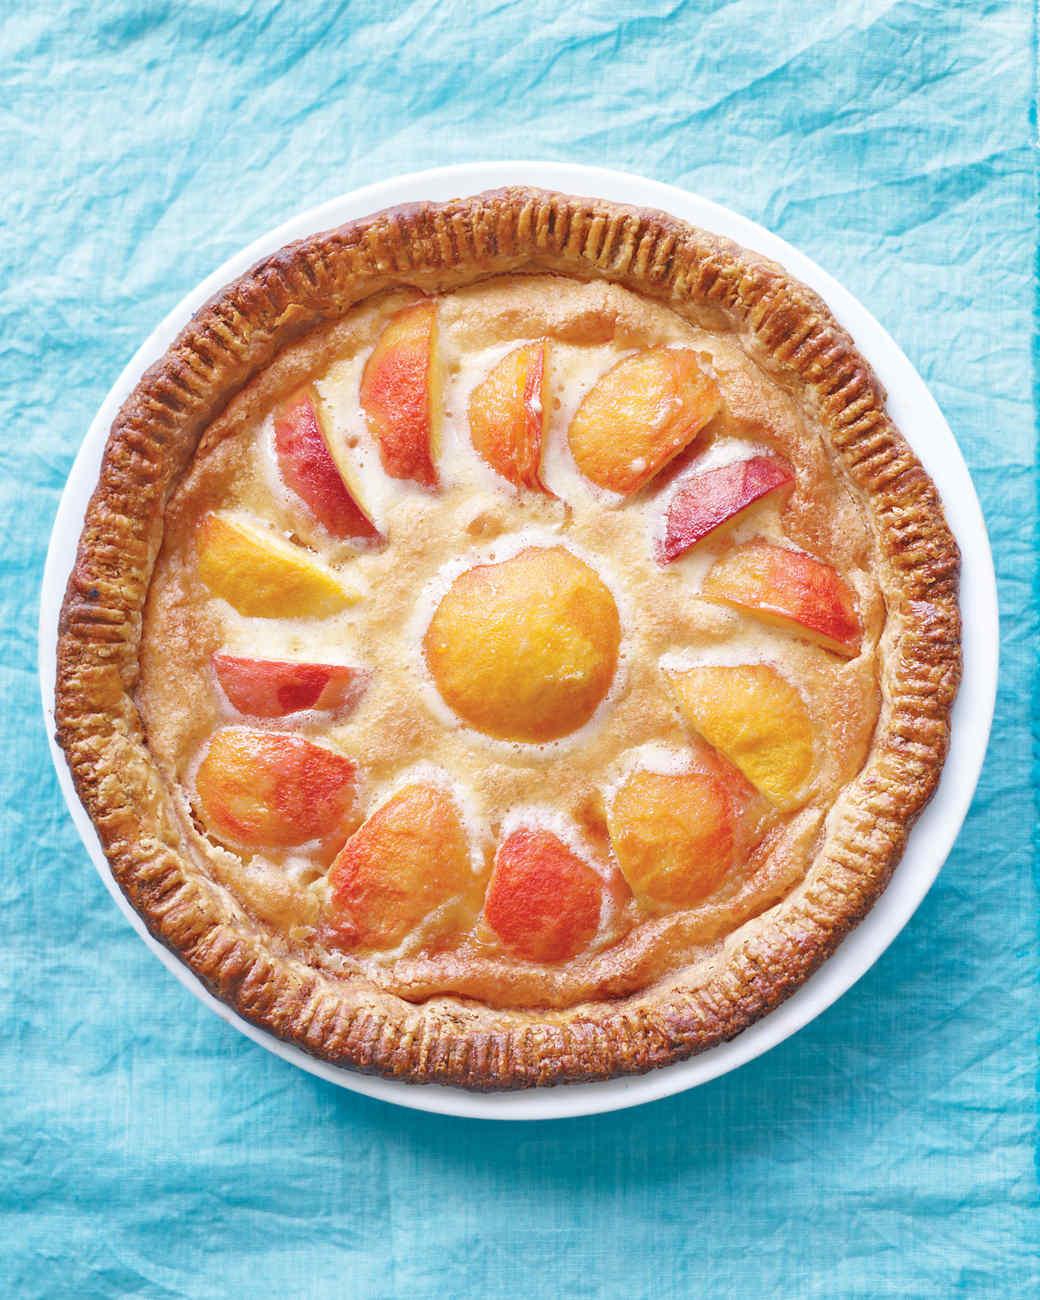 pie-peach-0611msummerpies.jpg